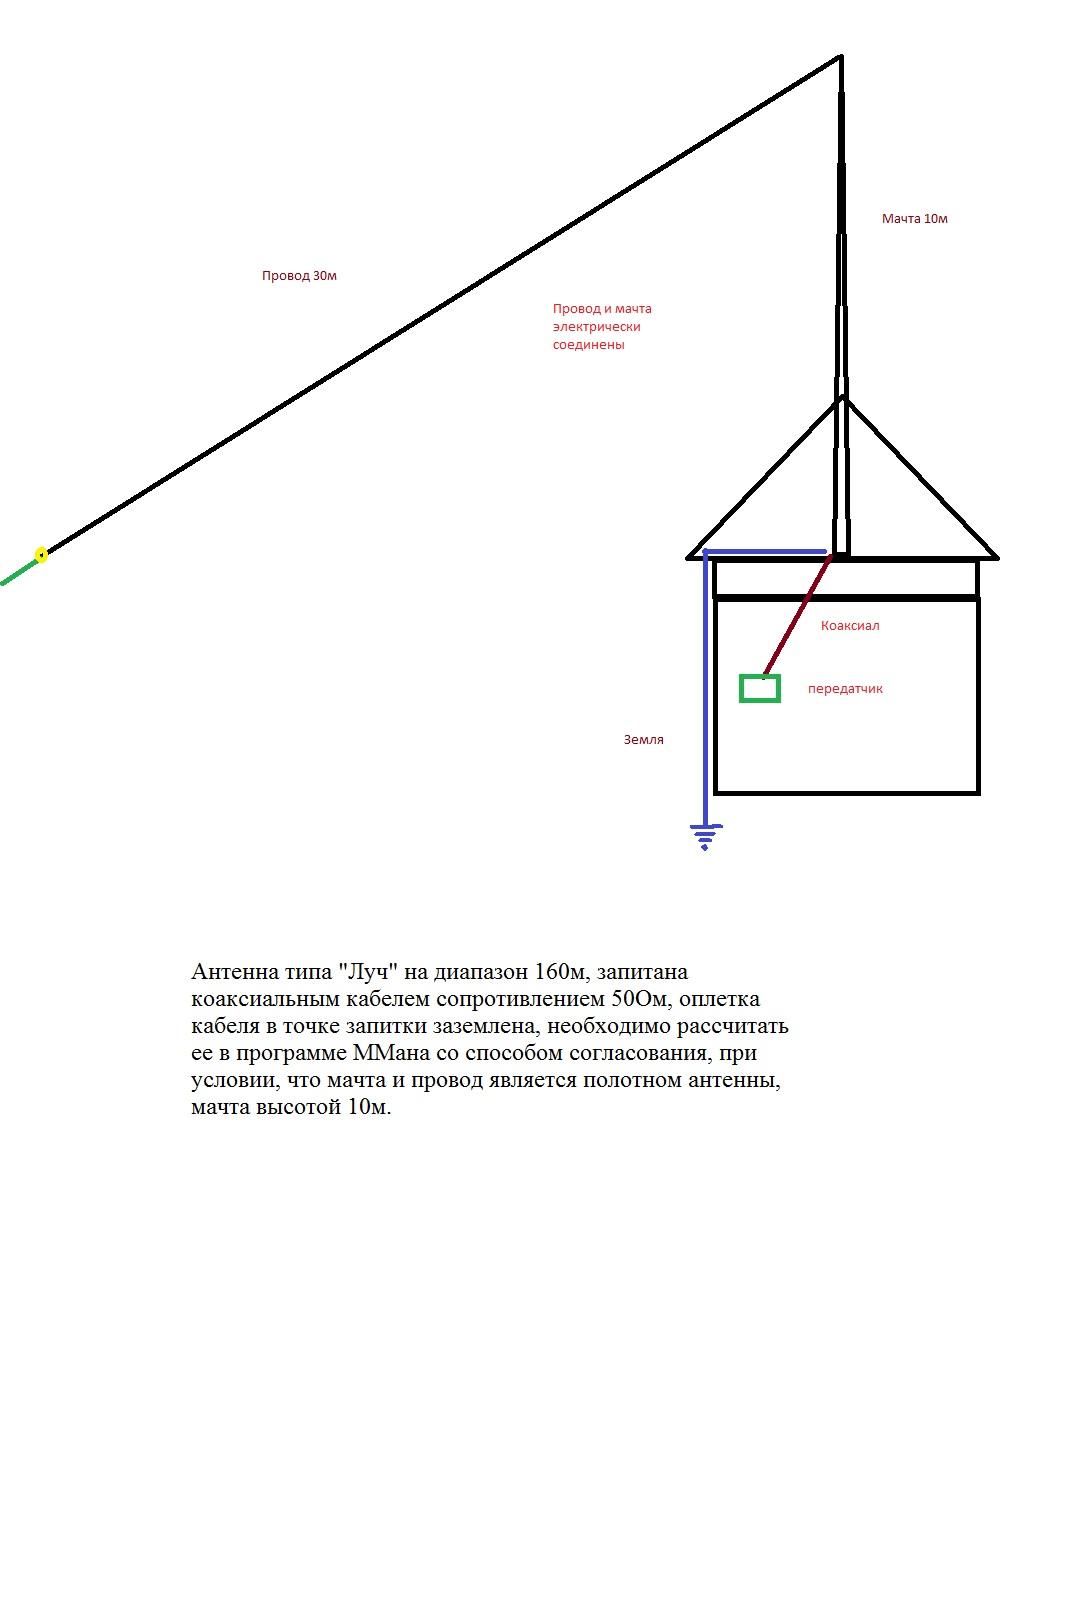 Нажмите на изображение для увеличения.  Название:Луч (вертикал) на 160м.jpg Просмотров:321 Размер:129.0 Кб ID:232325